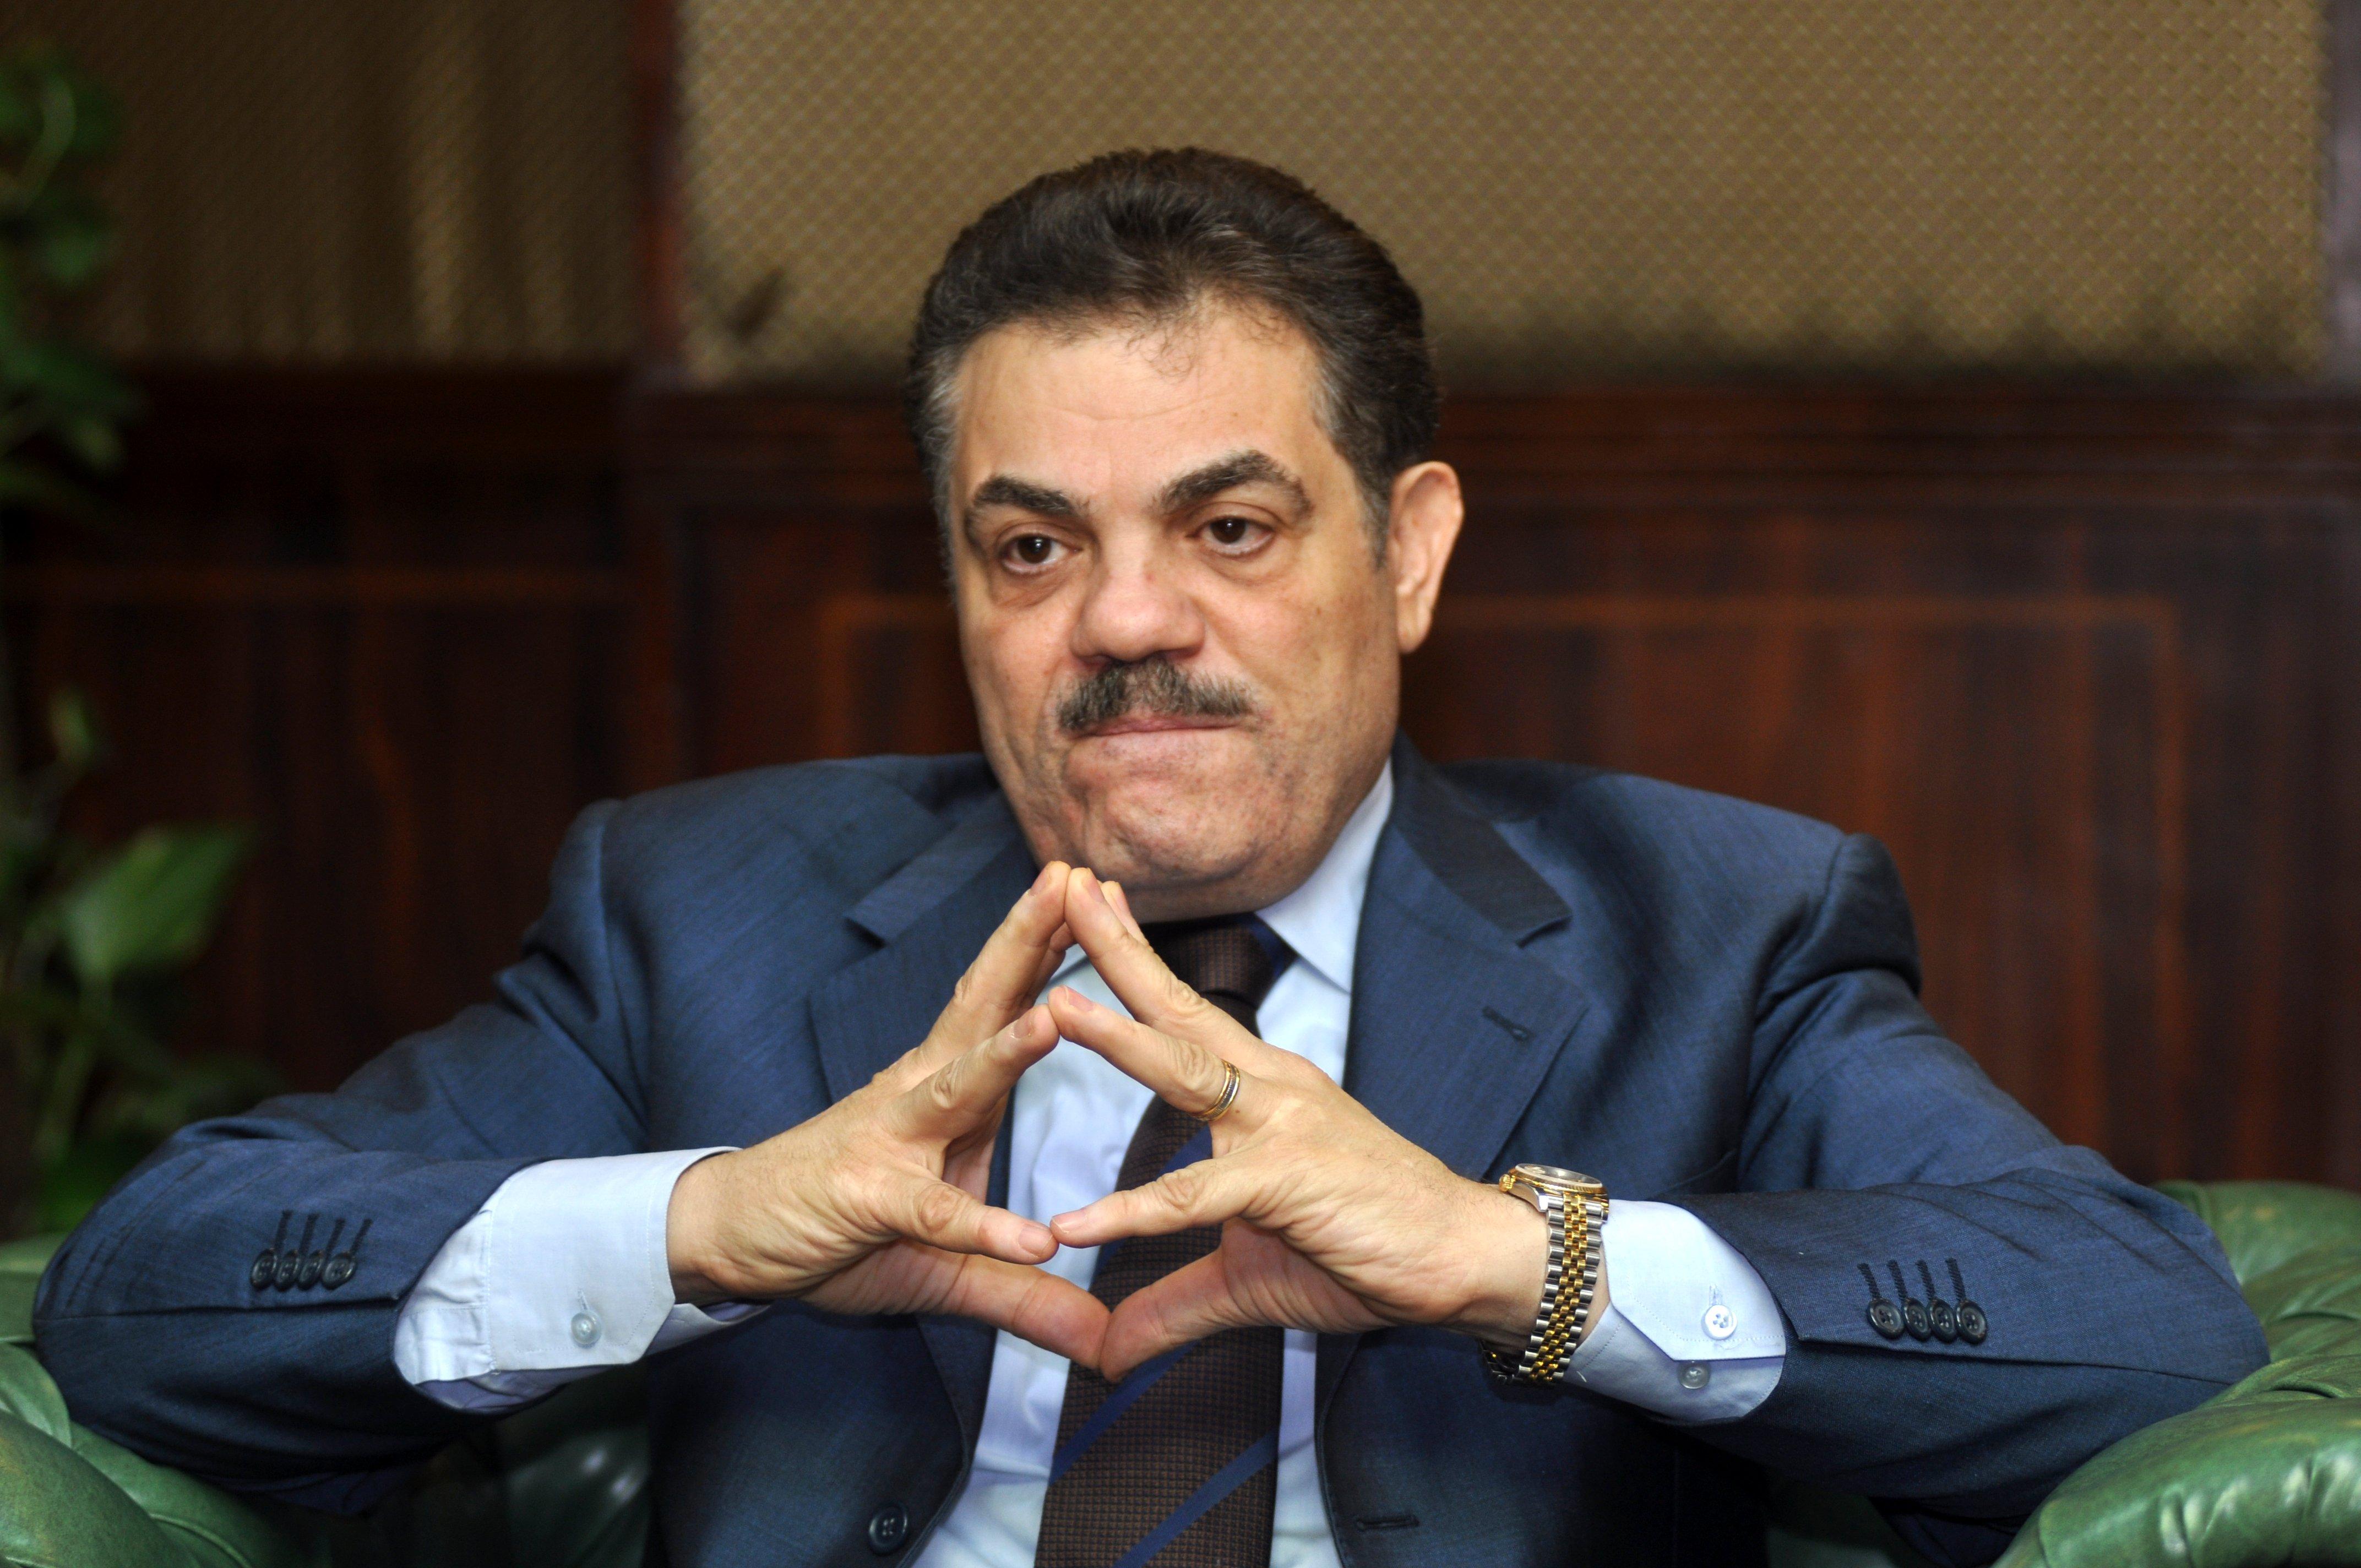 صورة السيد البدوي: السيسي الأصلح لرئاسة مصر ووجود مرشح واحد «ليس عيبًا»